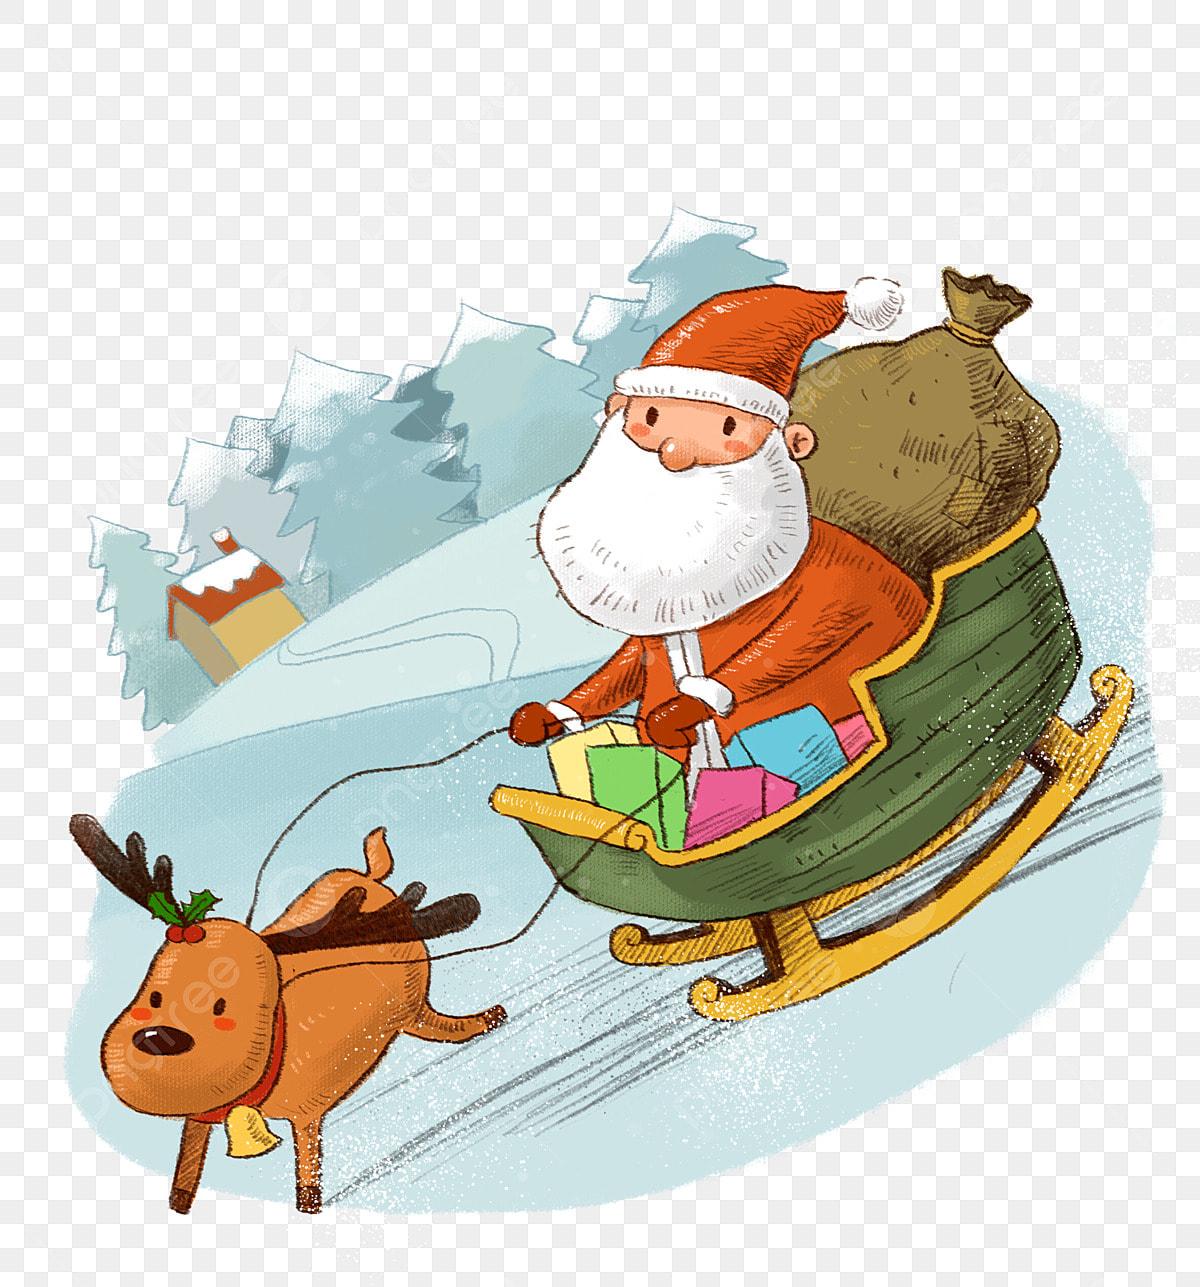 Weihnachtsgeschenke Clipart.Santa Claus Und Mule Deer Png Material Für Weihnachtsgeschenke